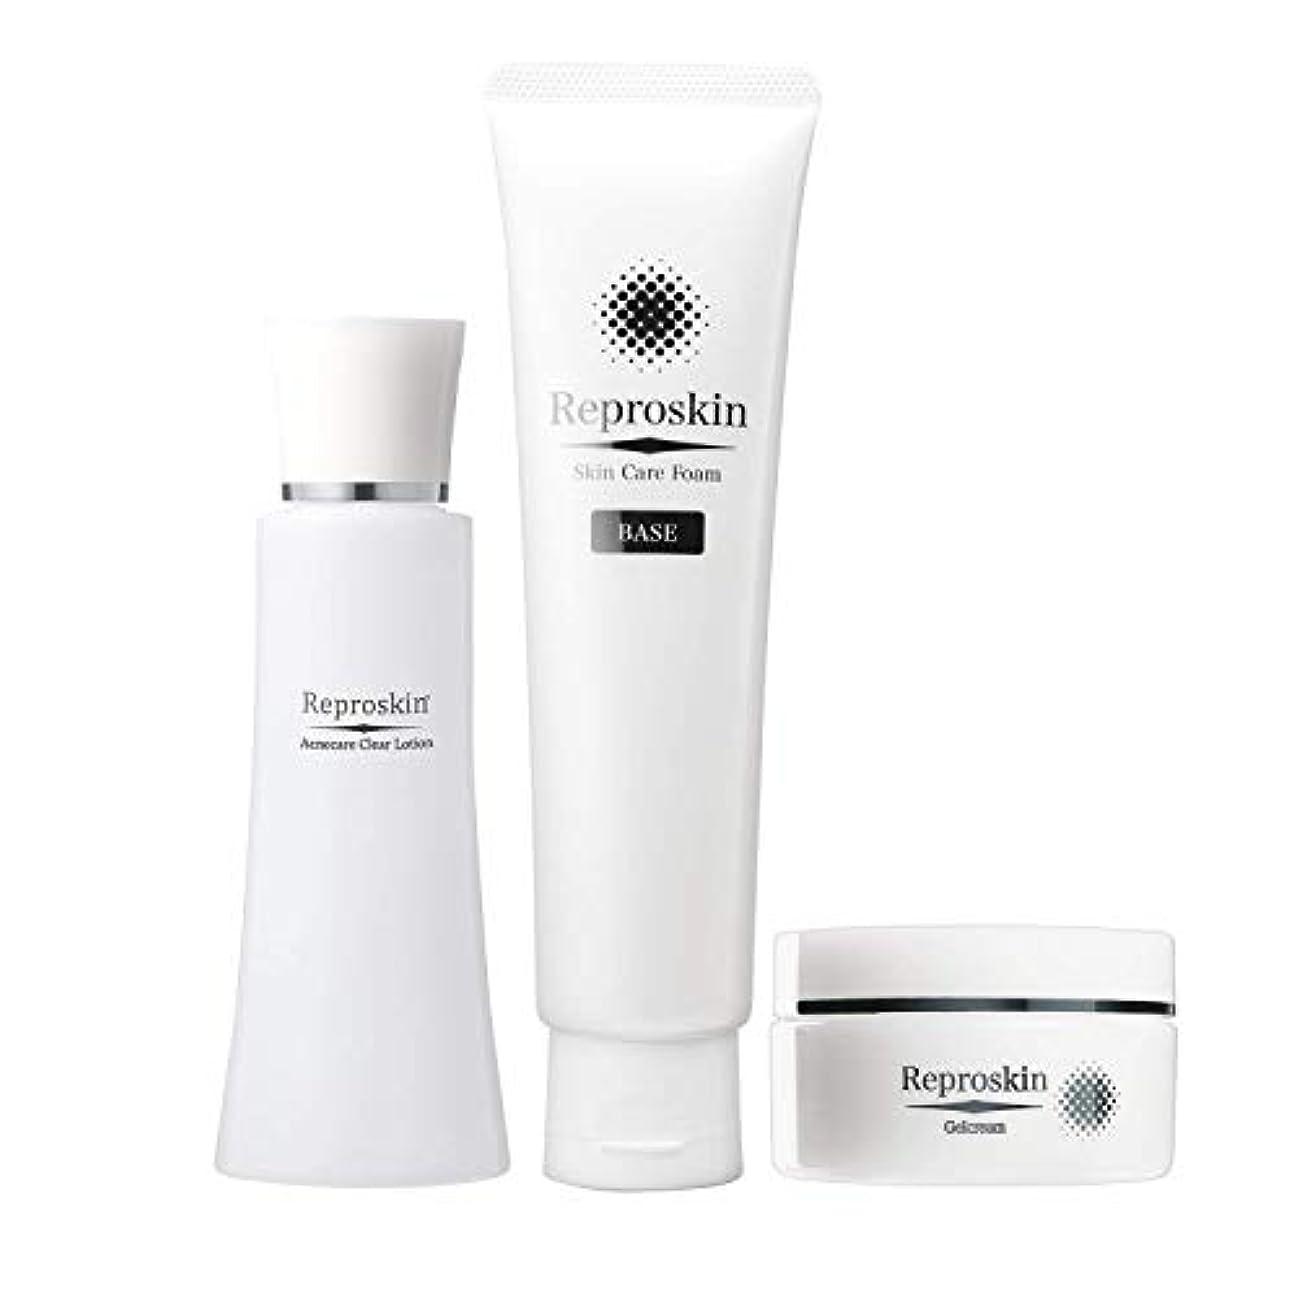 簡潔な汚染出発する医薬部外品 ニキビ 洗顔 化粧水 保湿 クリーム トータルケア セット リプロスキン evo1 100mL スキンケアフォーム 100g ジェルクリーム 50g もちもち 肌 乾燥肌 泡